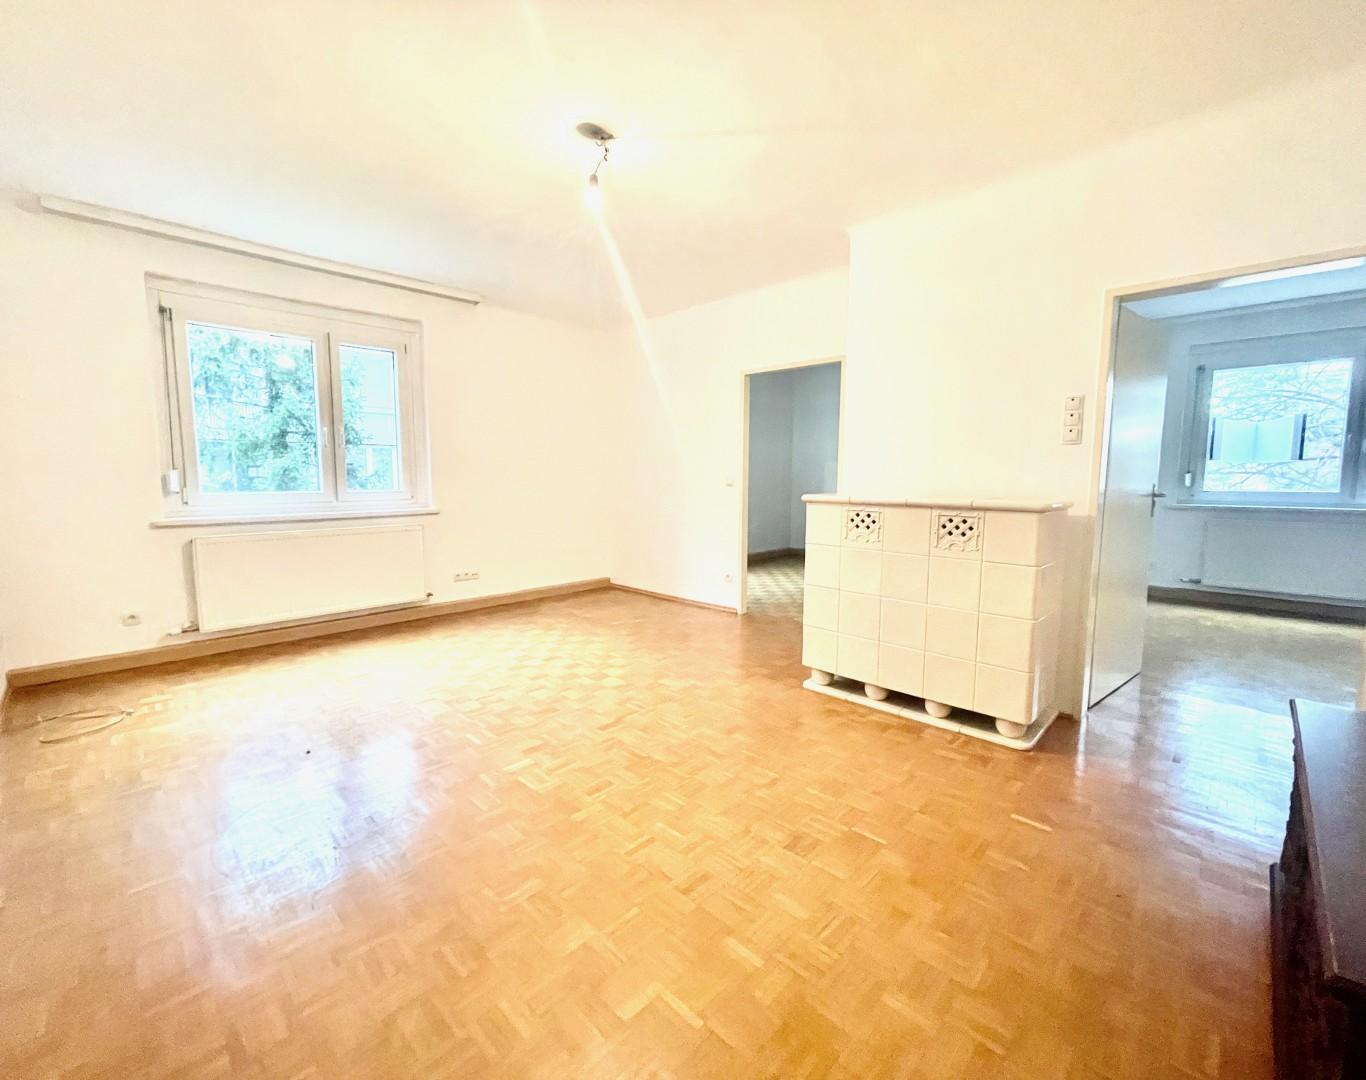 Gut angelegte 3-Zimmer Wohnung in attraktiver Lage am Fusse des Wilhelminenbergs